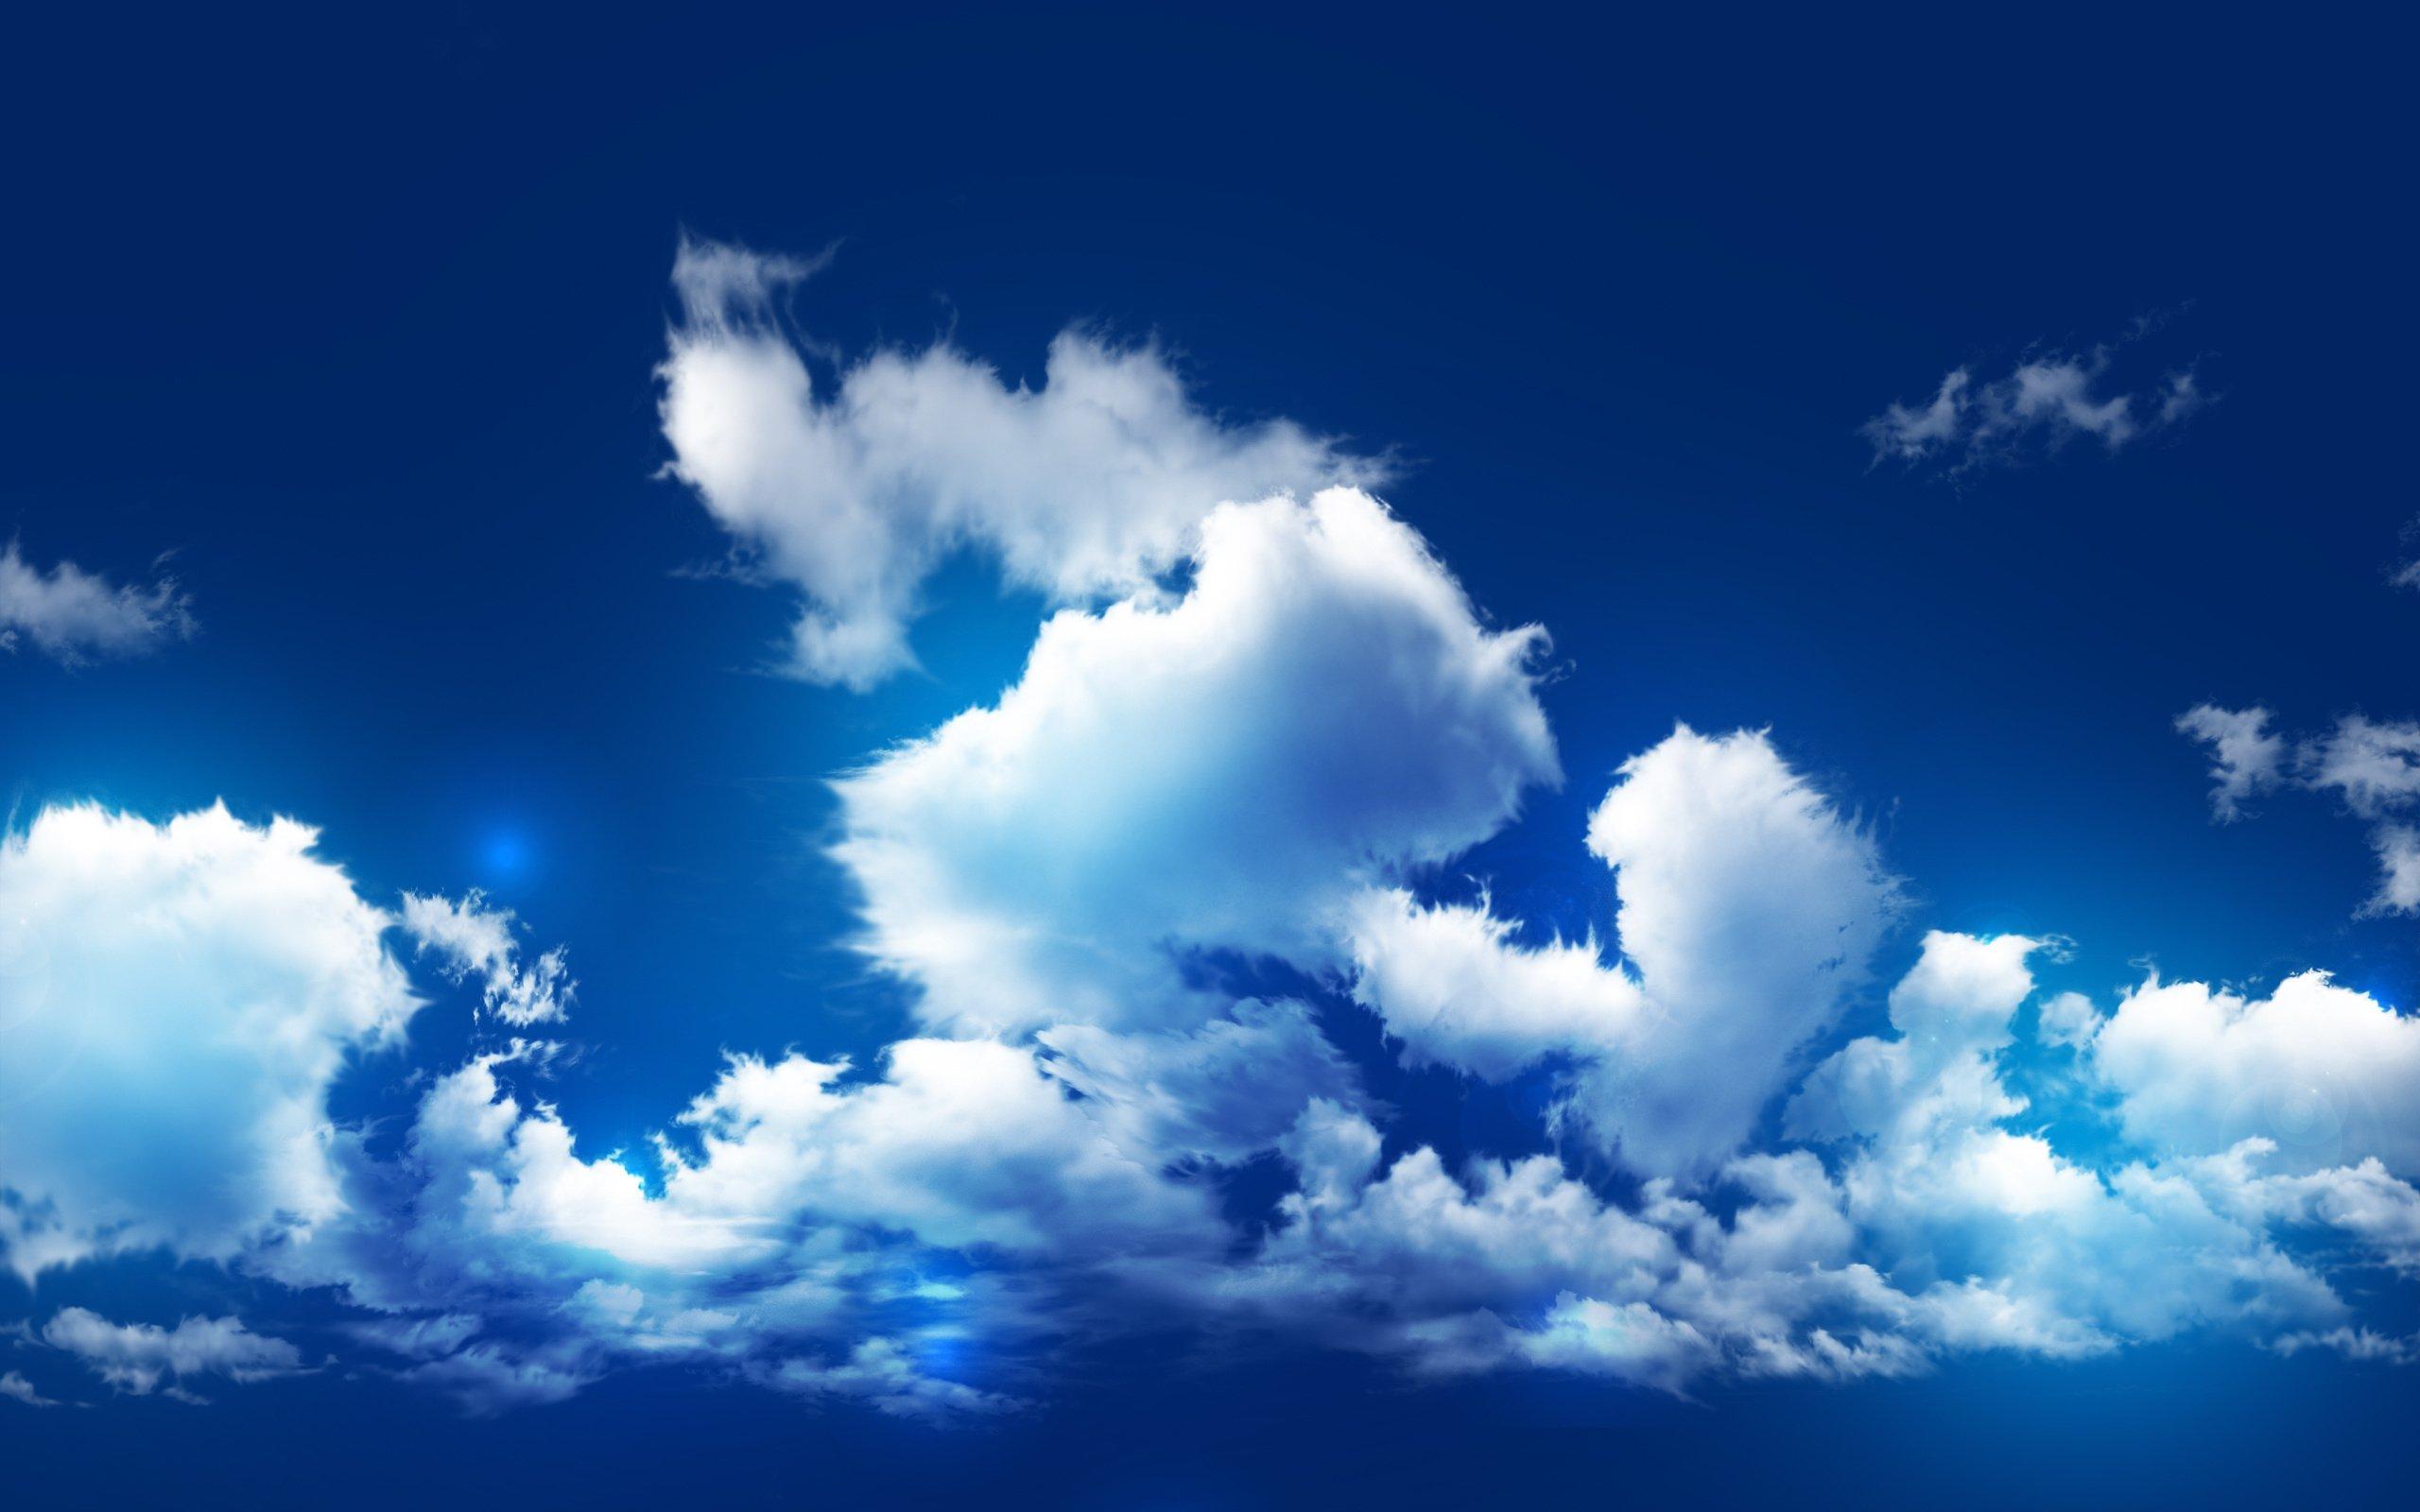 Blue Cloudy Sky - WallDevil